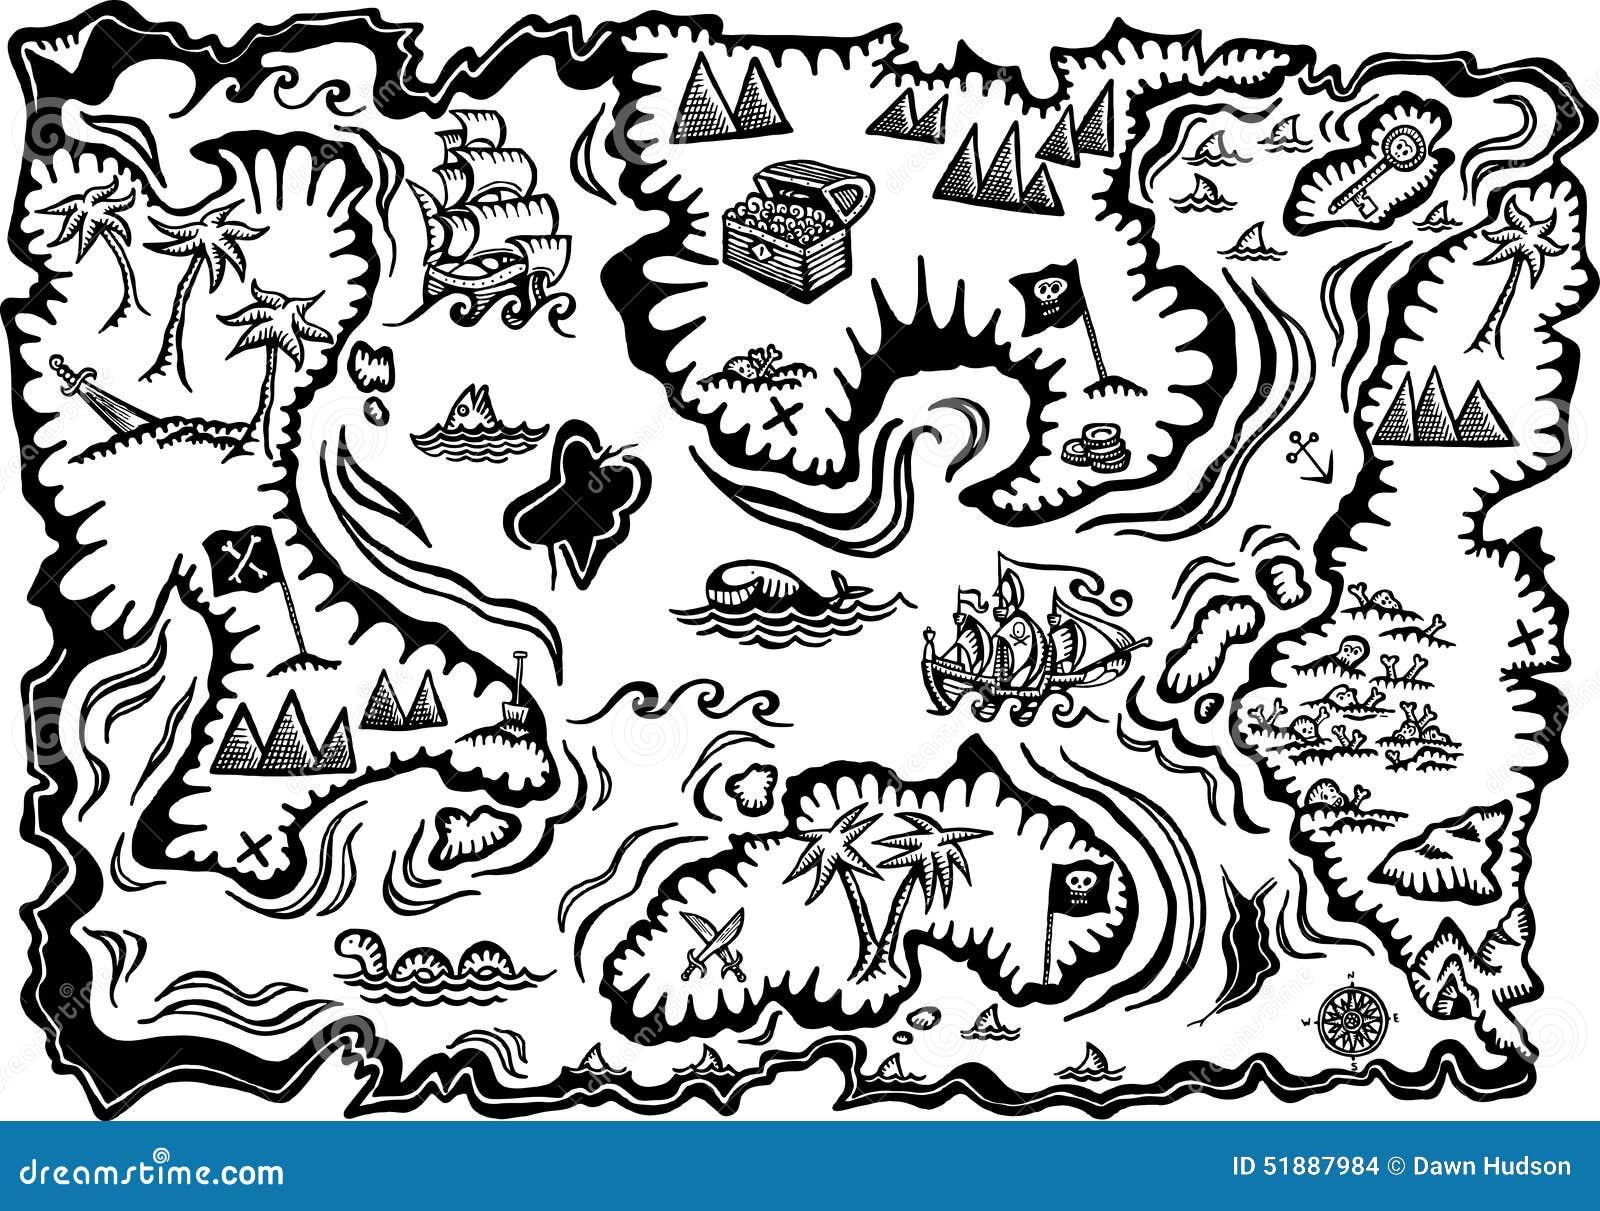 Carte Au Tresor Noir Et Blanc.Carte De Tresor Illustration Stock Illustration Du Croquis